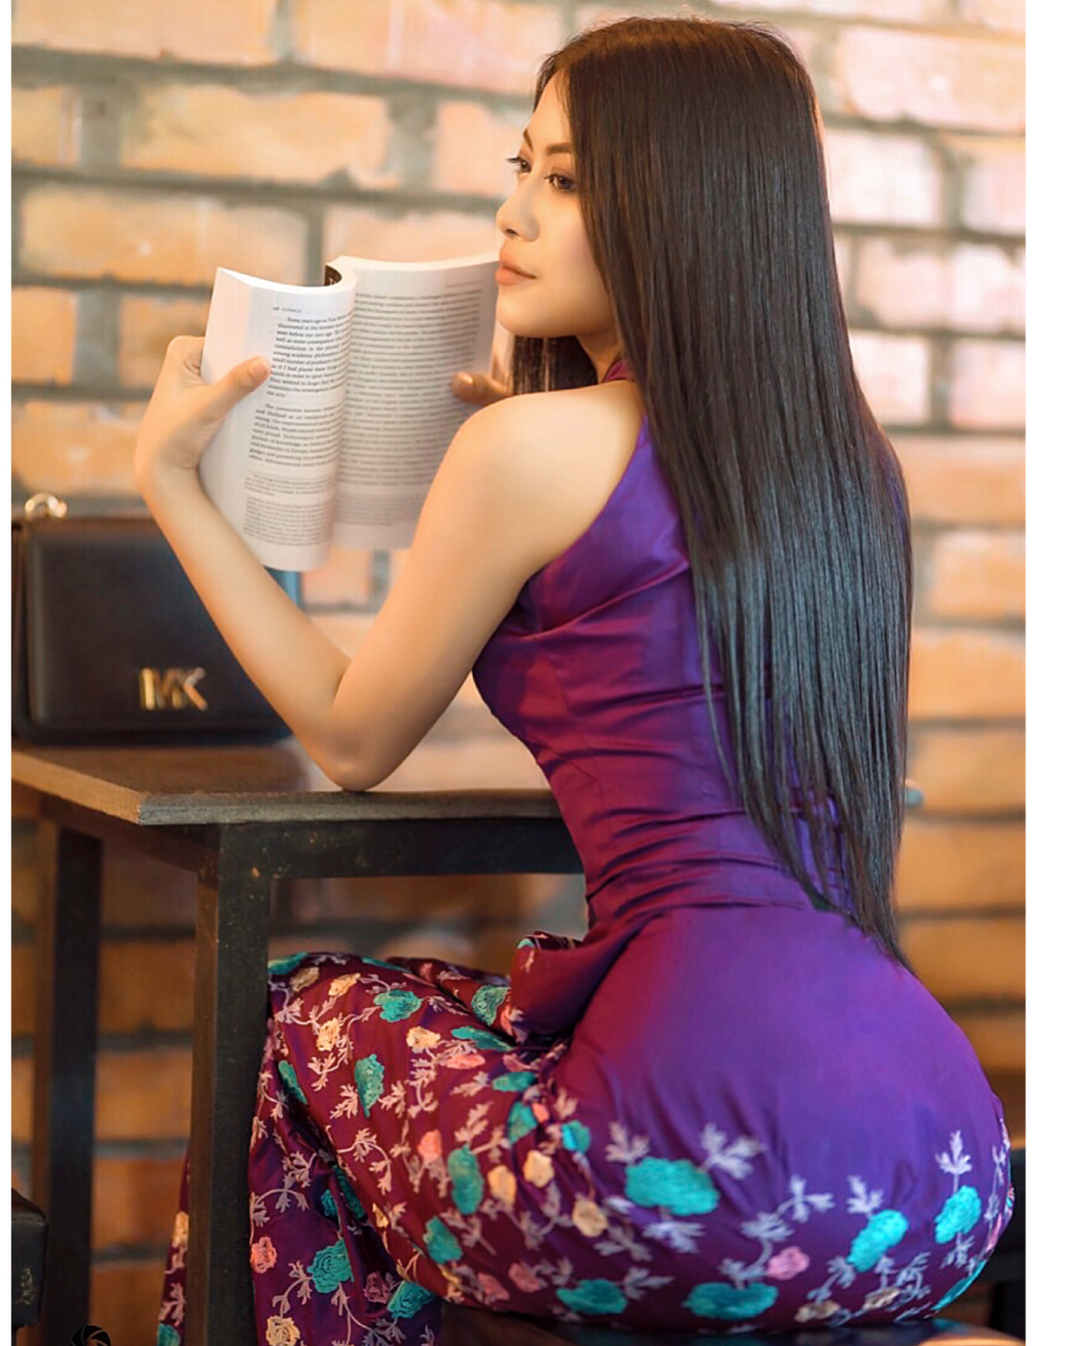 Myanmar Model Girl in 2020 | Gorgeous women, Burmese girls